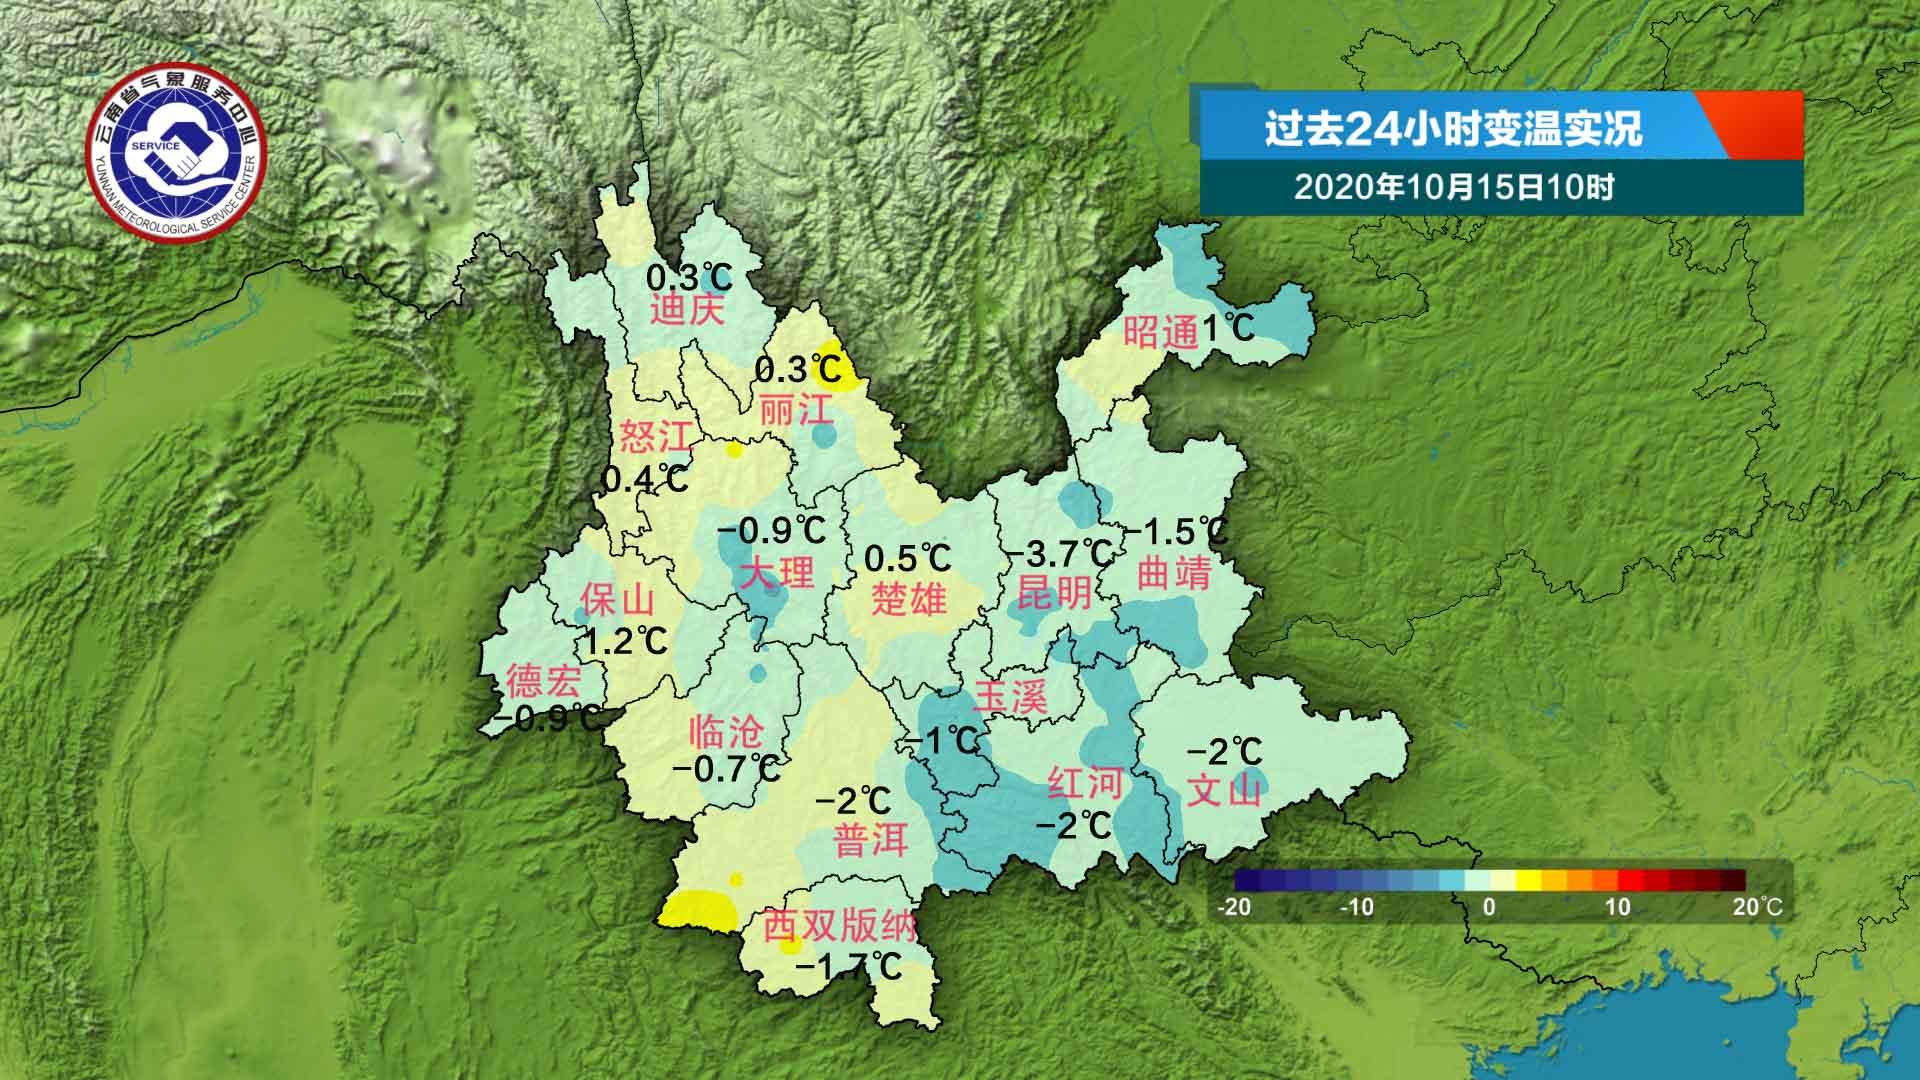 明天云南省中东部将有降温过程